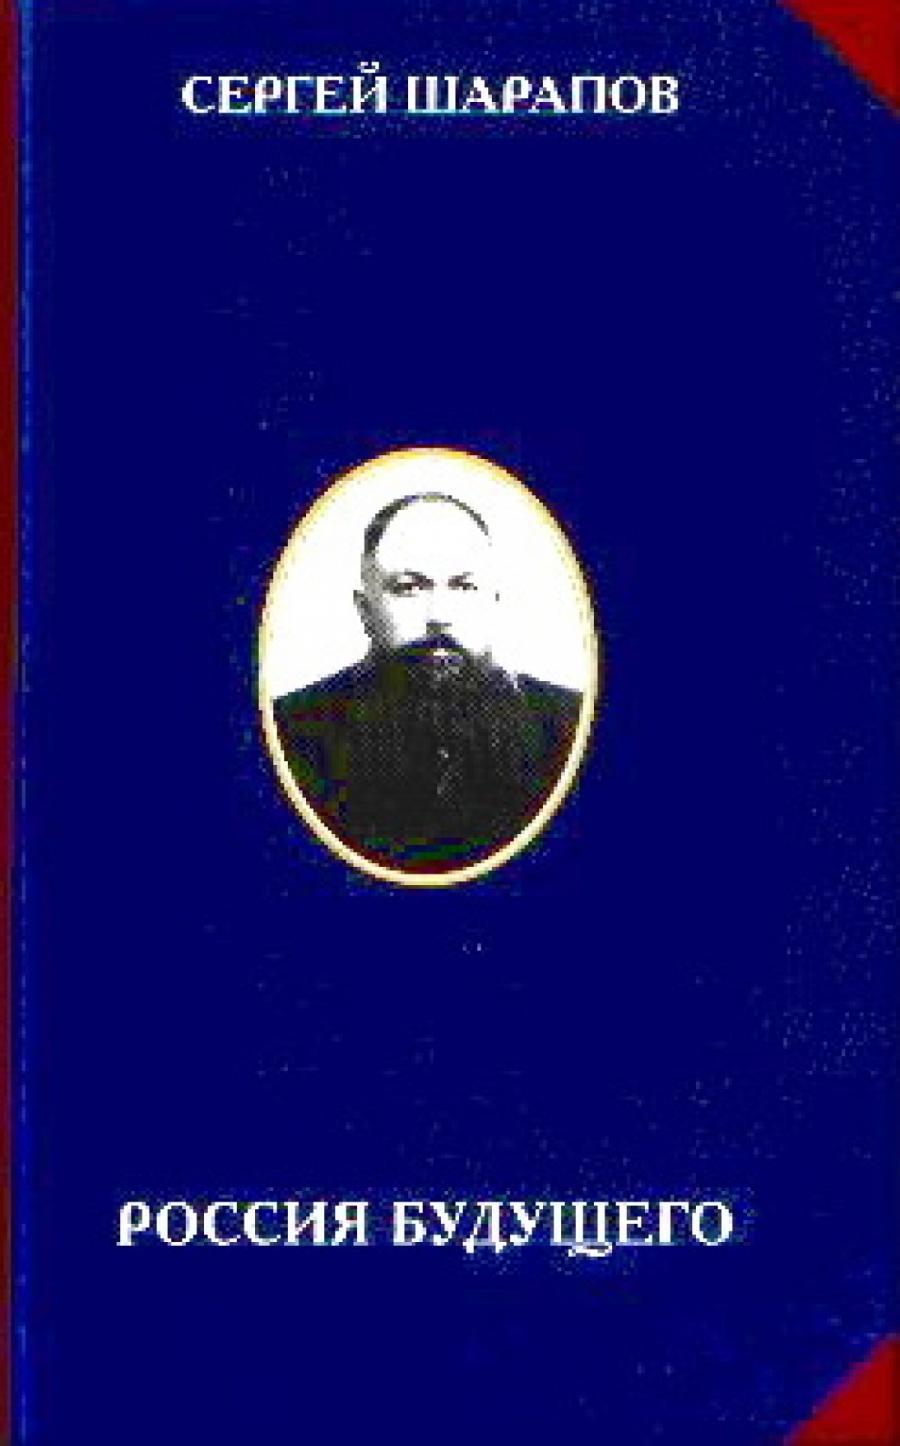 Обложка книги:  шарапов с.ф. - россия будущего